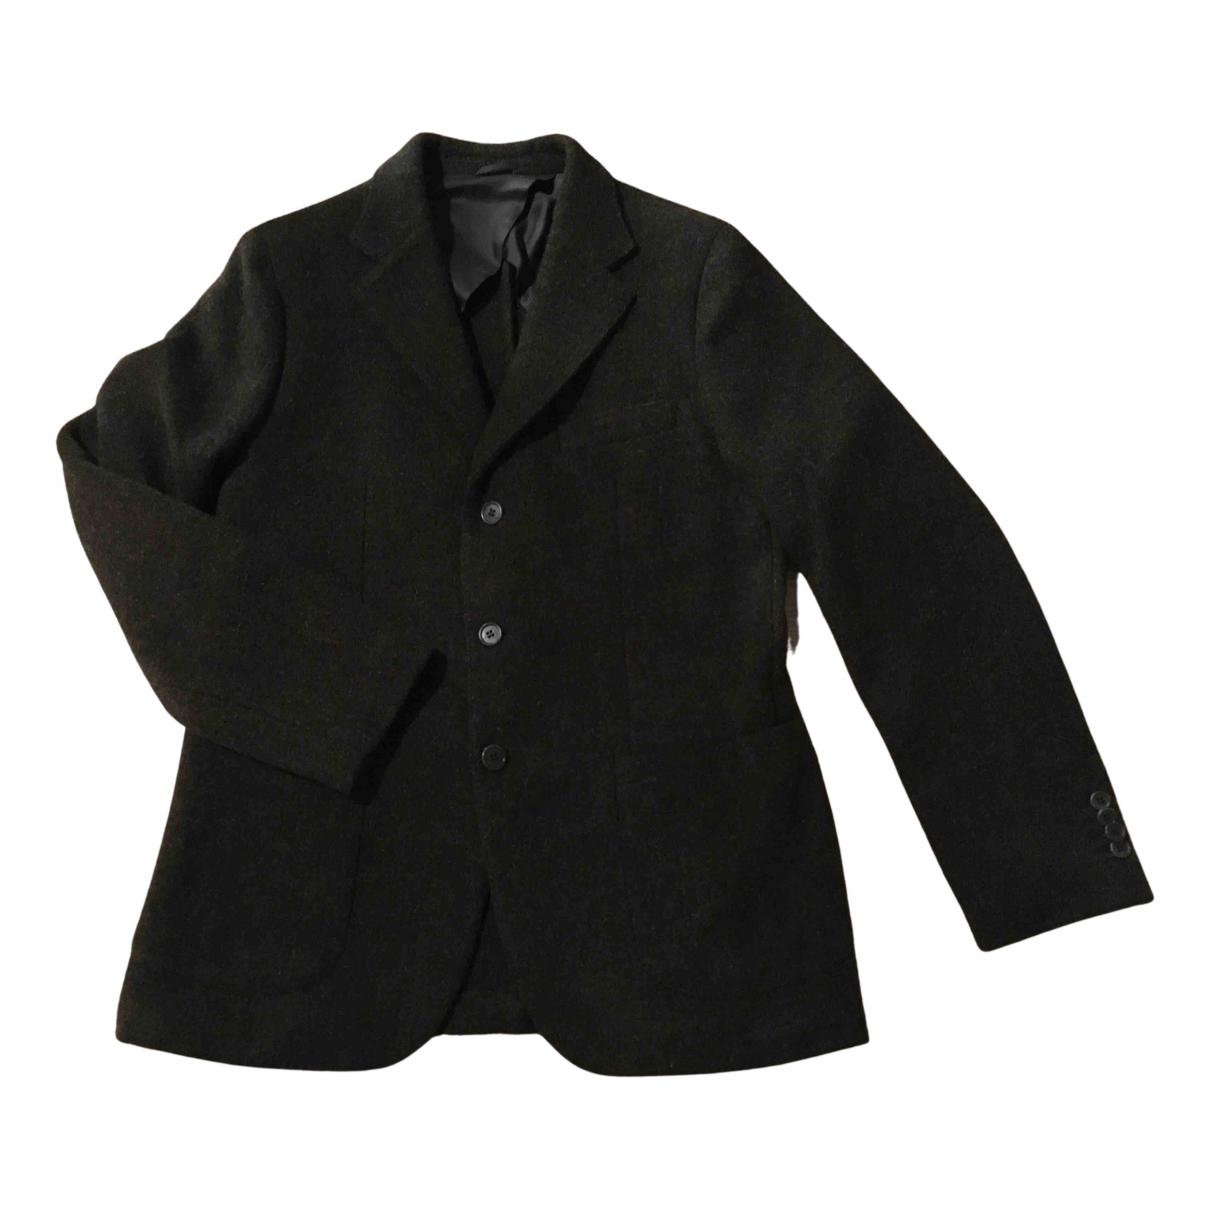 Aspesi - Vestes.Blousons   pour homme en laine - marron